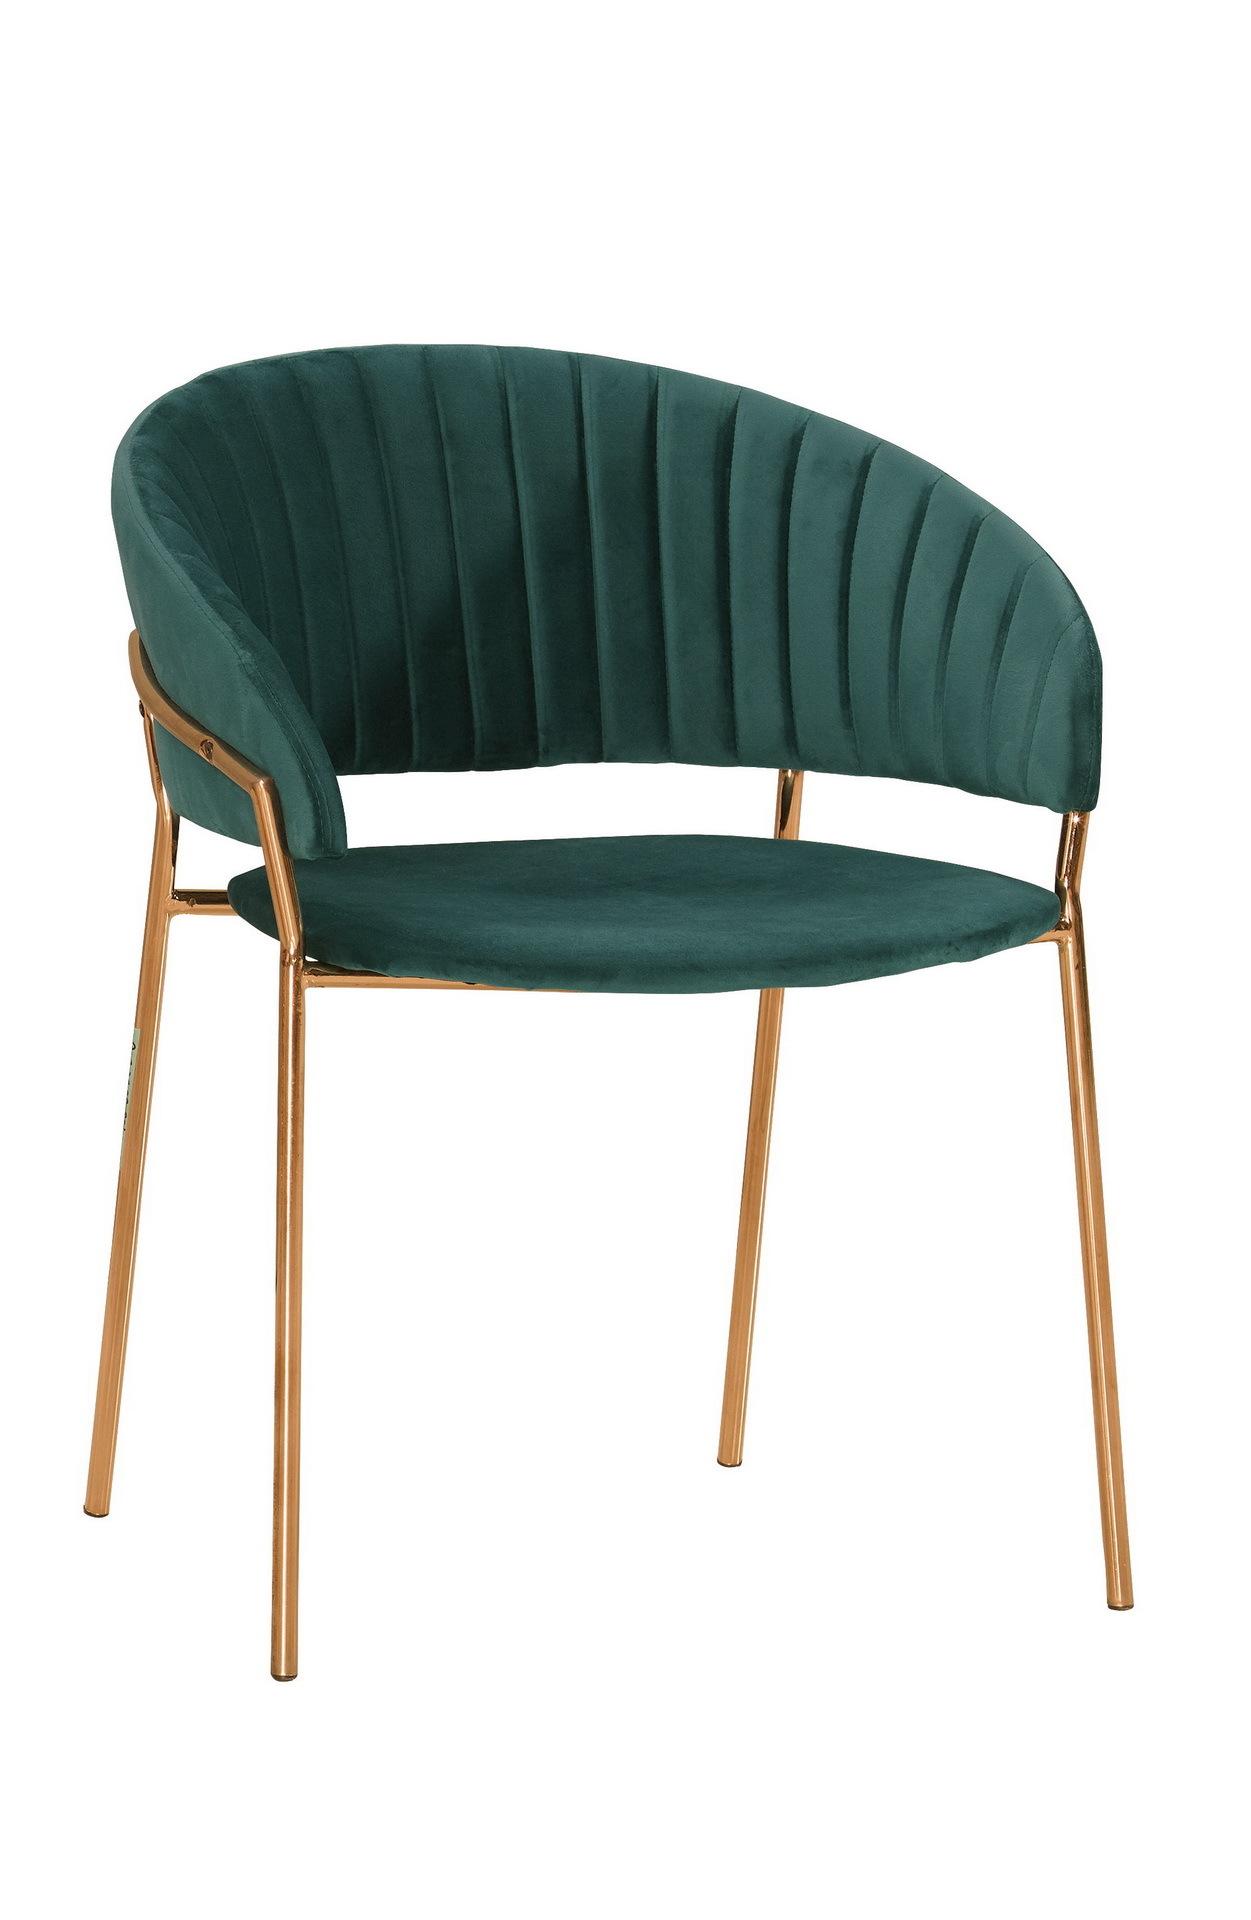 530-2 迪爾餐椅(綠布)(五金腳).jpg